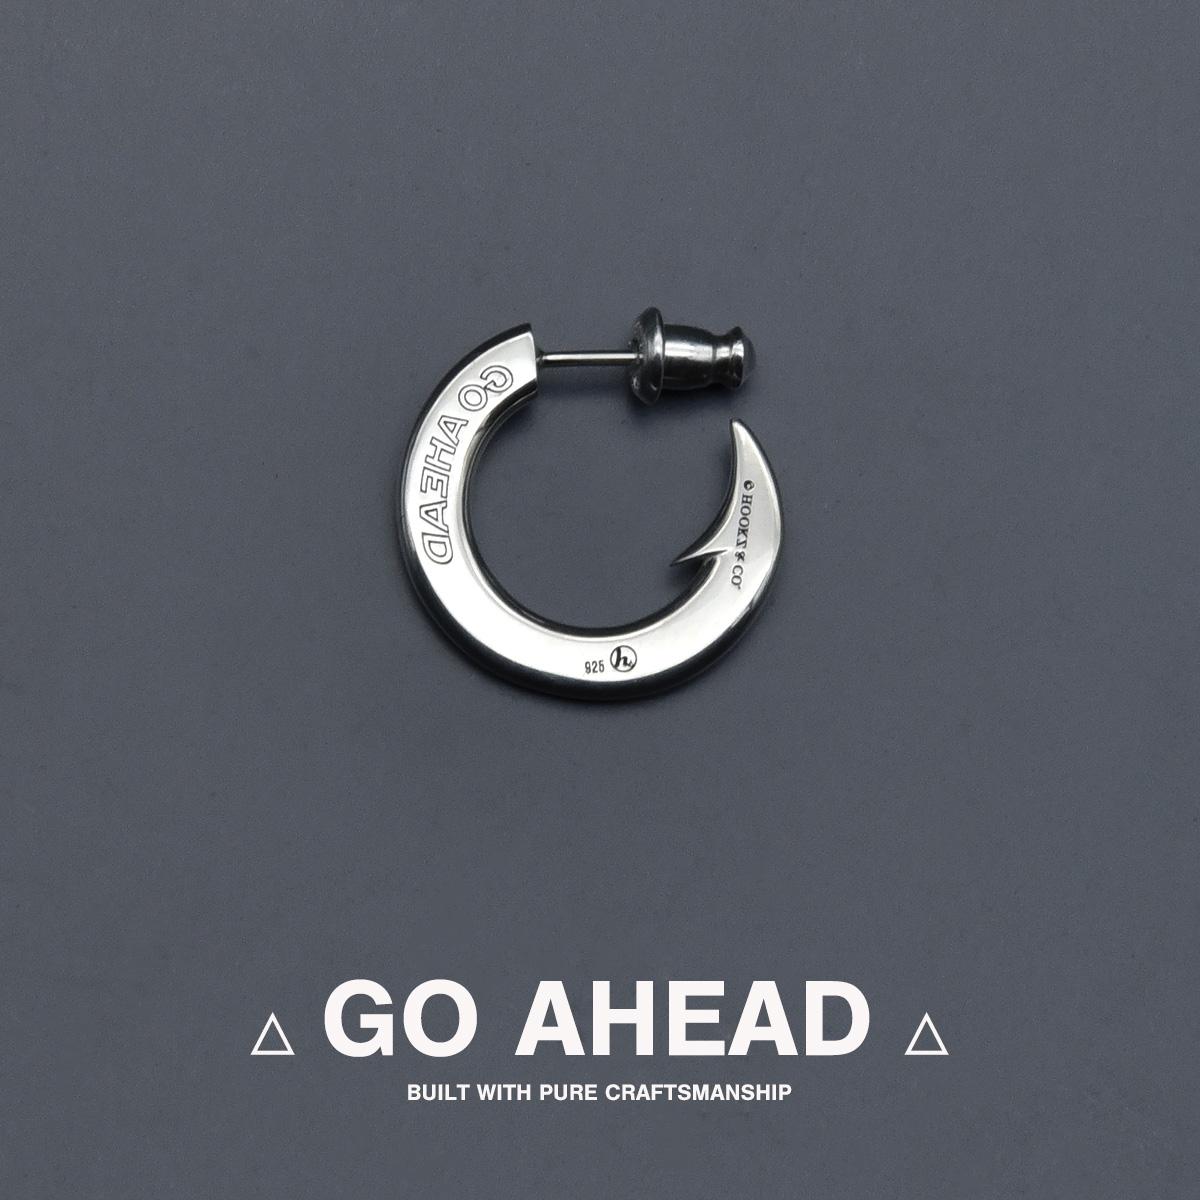 釣り針ピアス/GO AHEAD